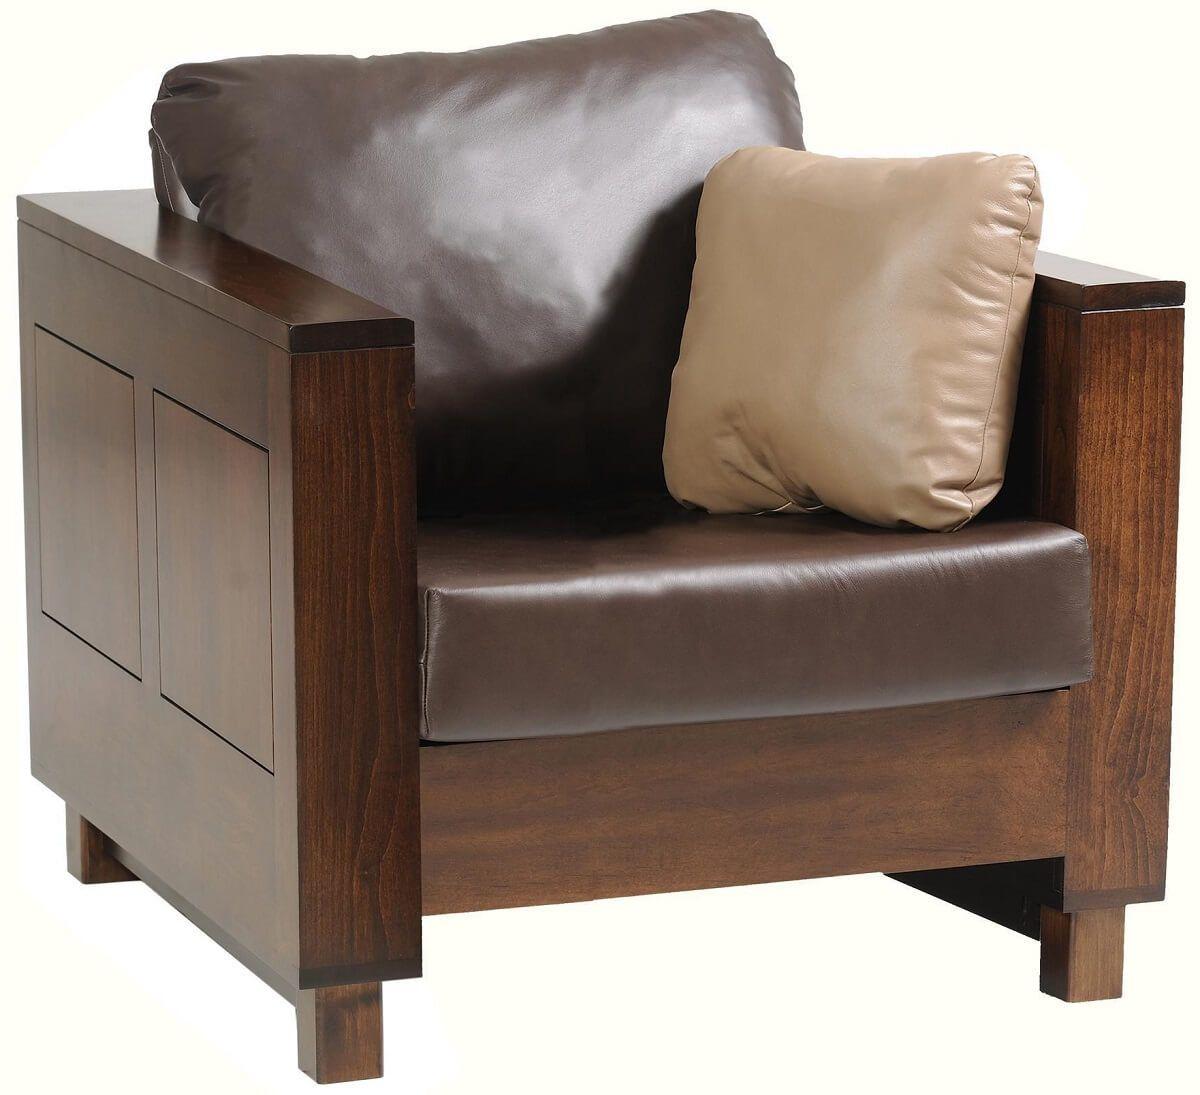 Cartier Chair